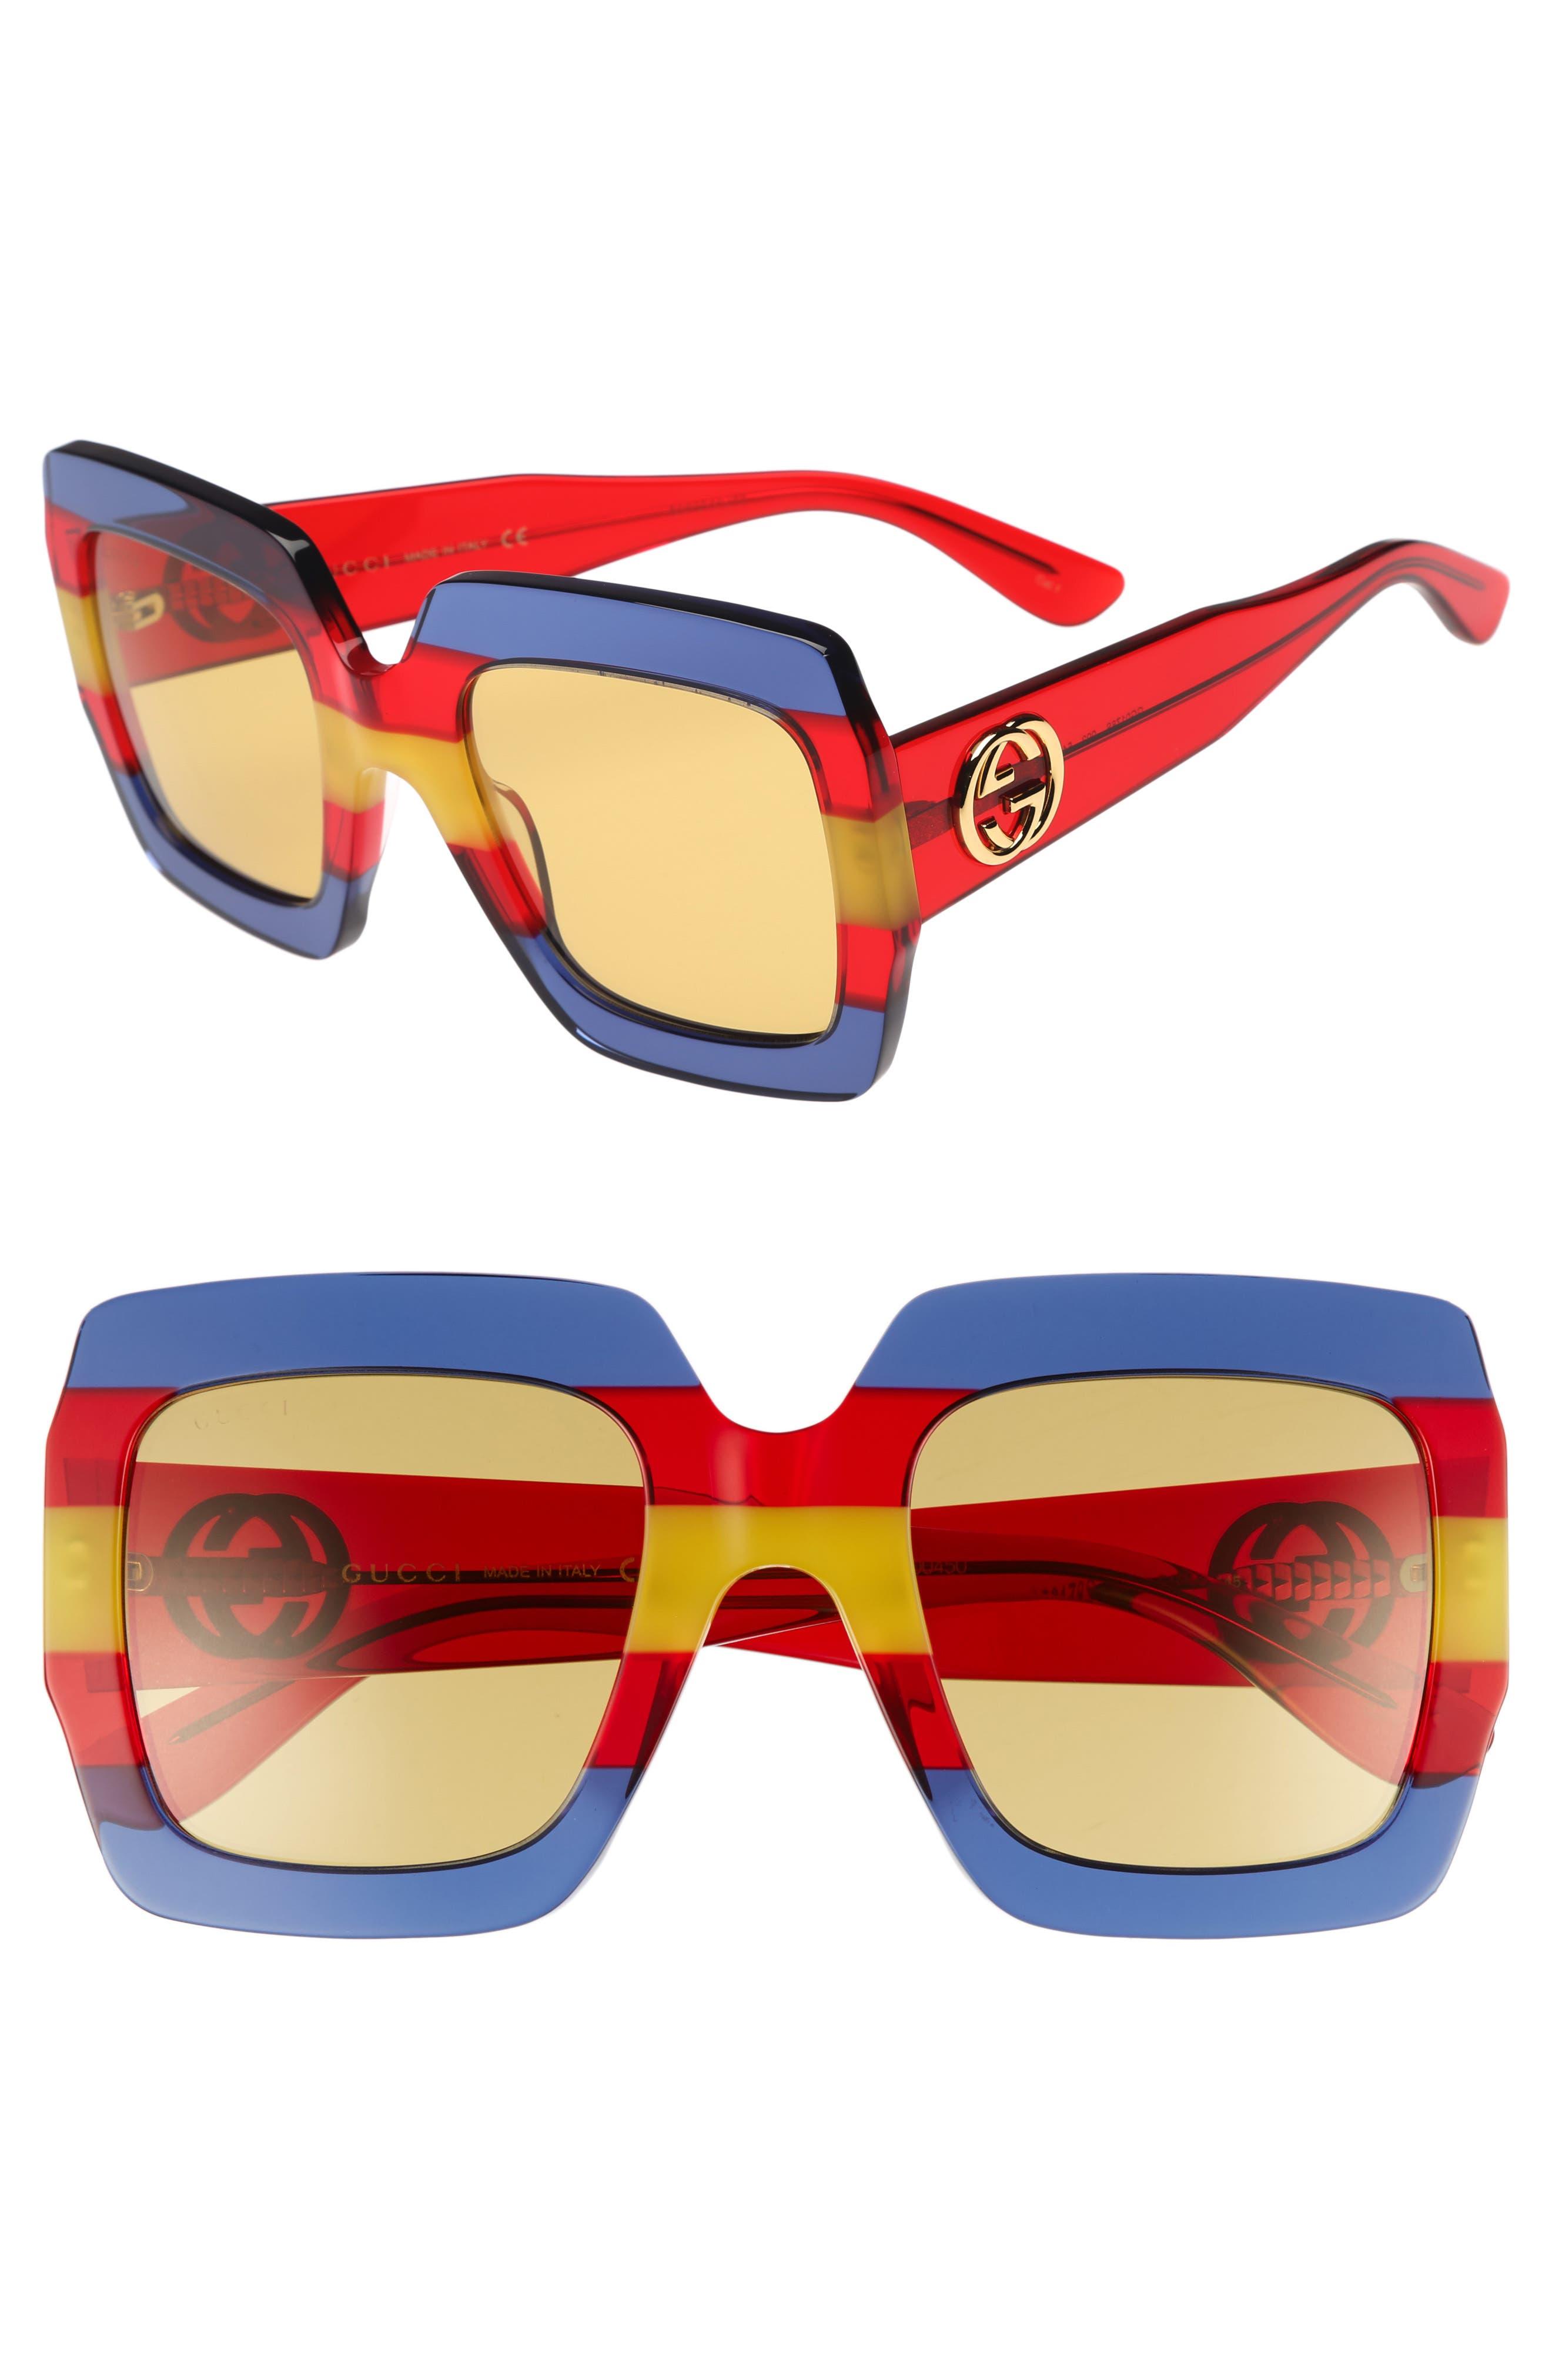 54mm Square Sunglasses,                         Main,                         color, Multi/ Blue